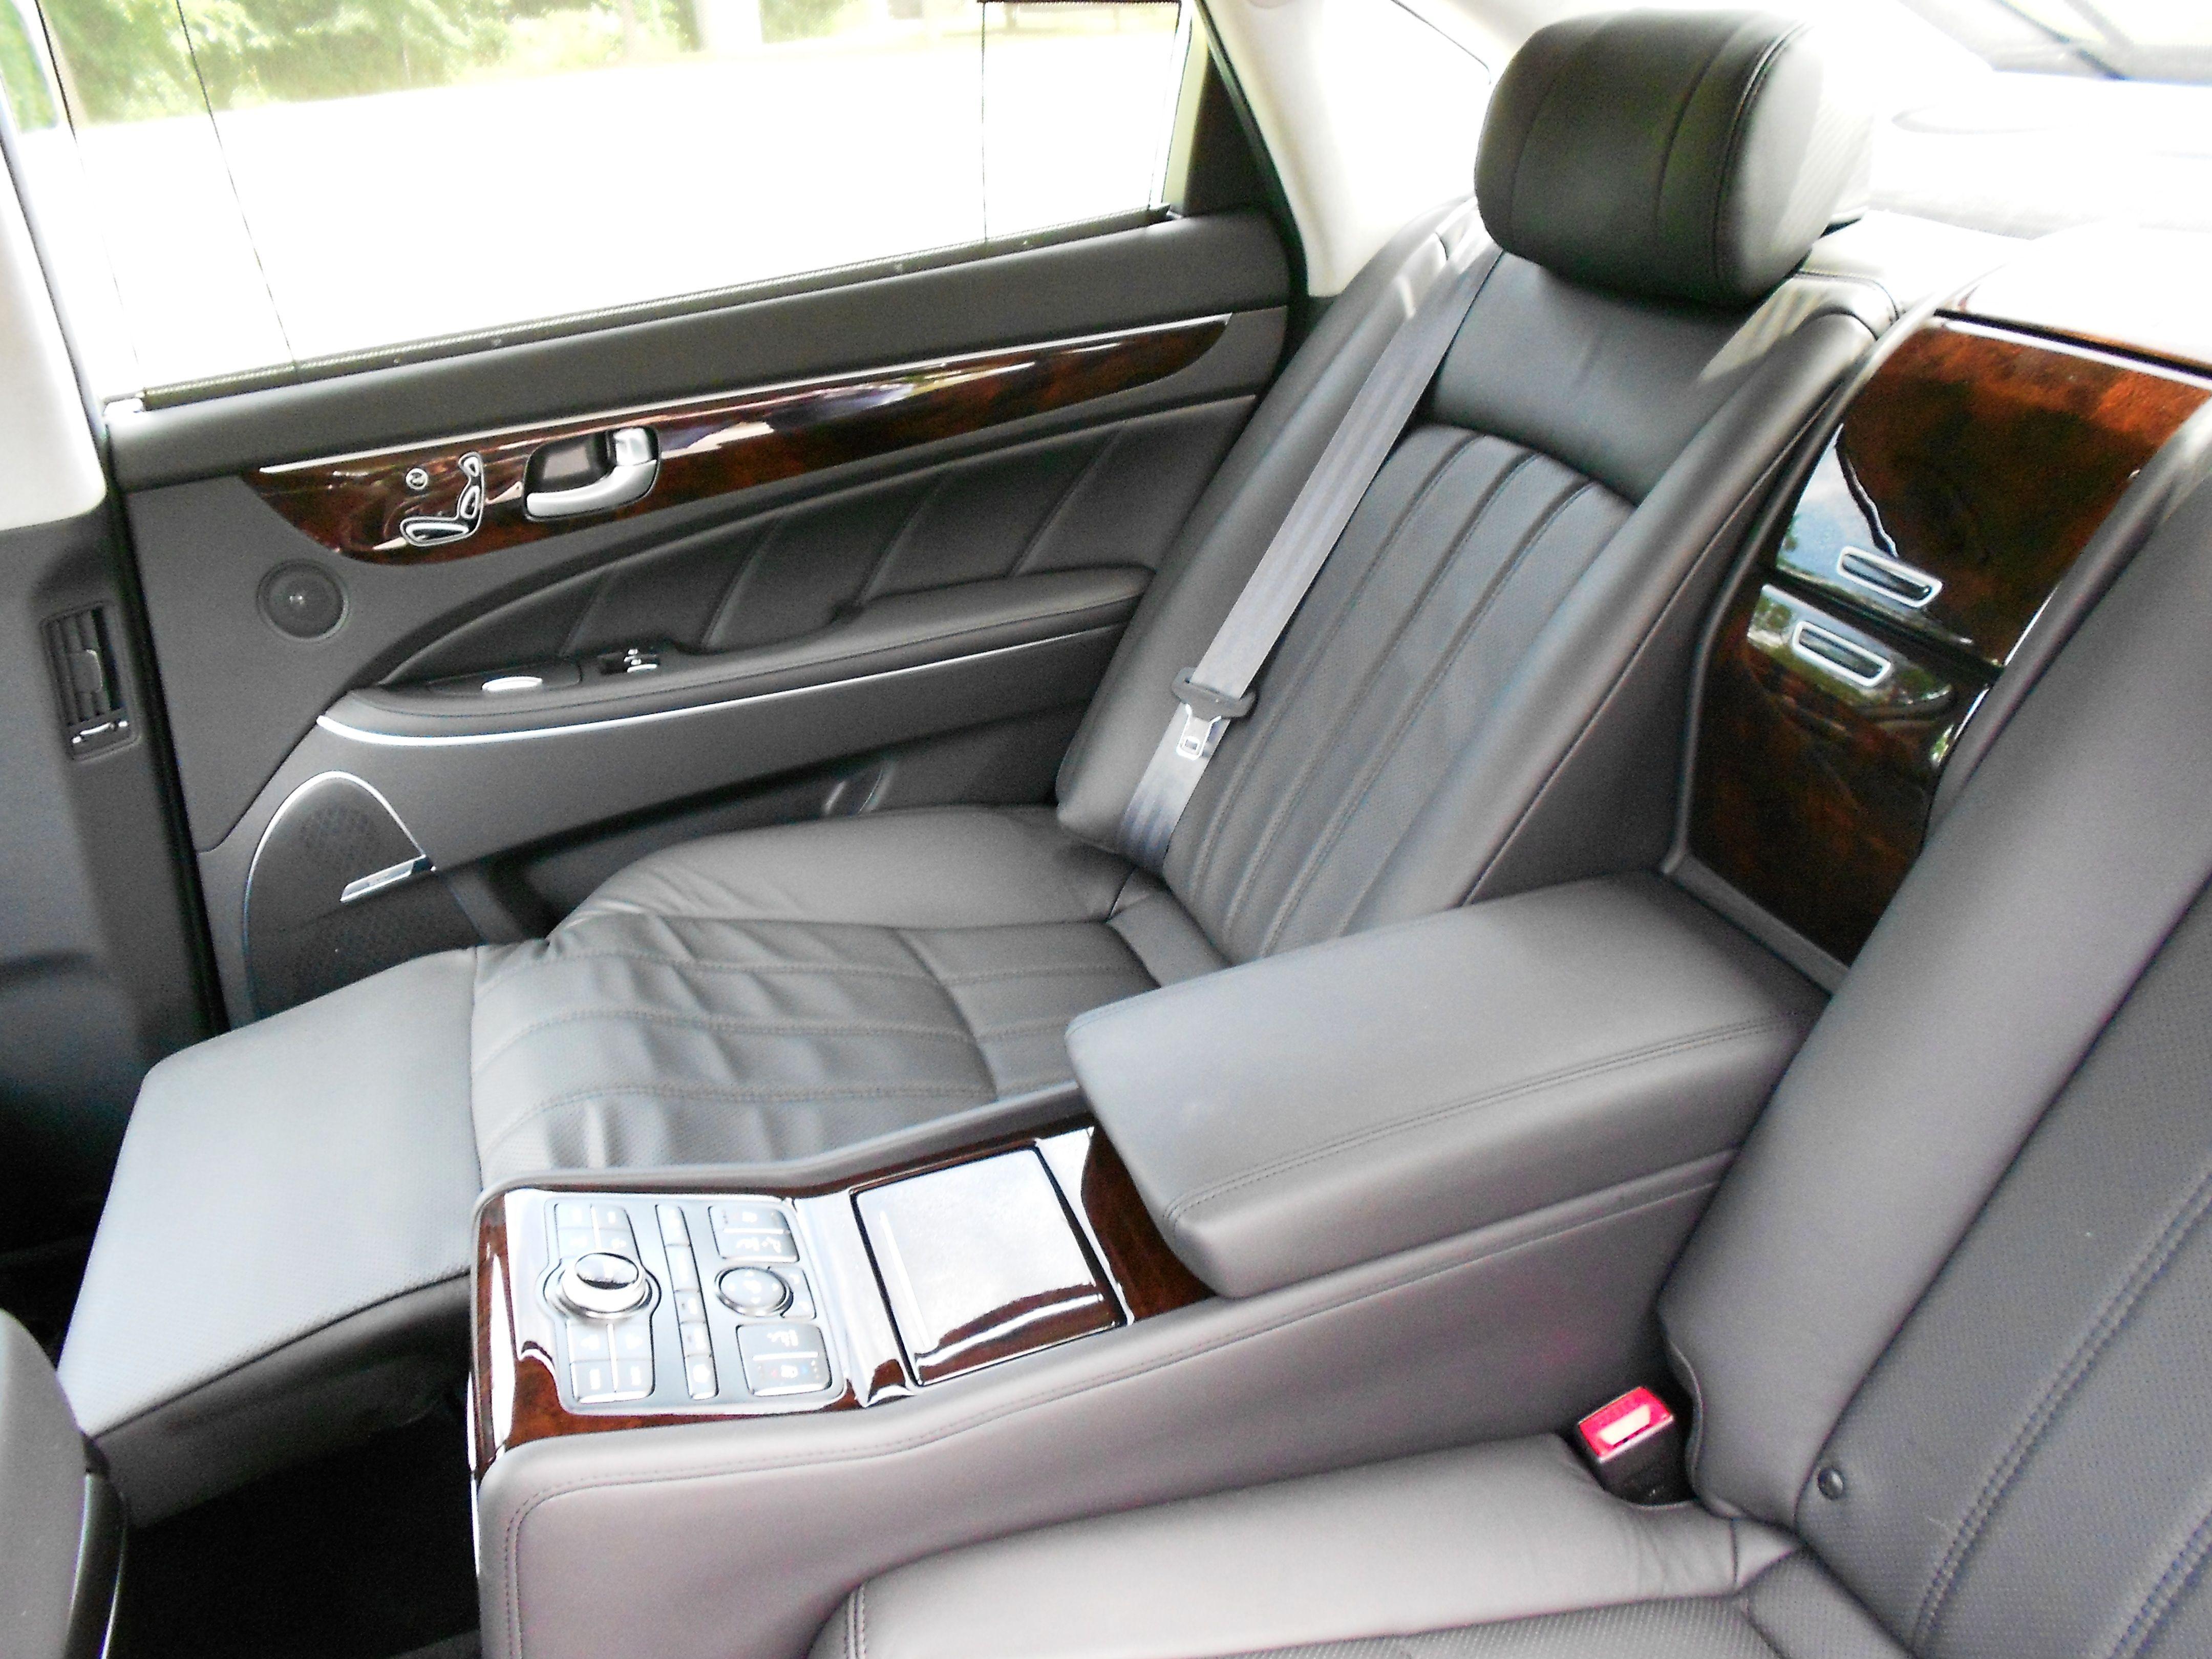 2012 Hyundai Equus - Reclining rear seat & 2012 Hyundai Equus - Reclining rear seat | Equui | Pinterest ... islam-shia.org